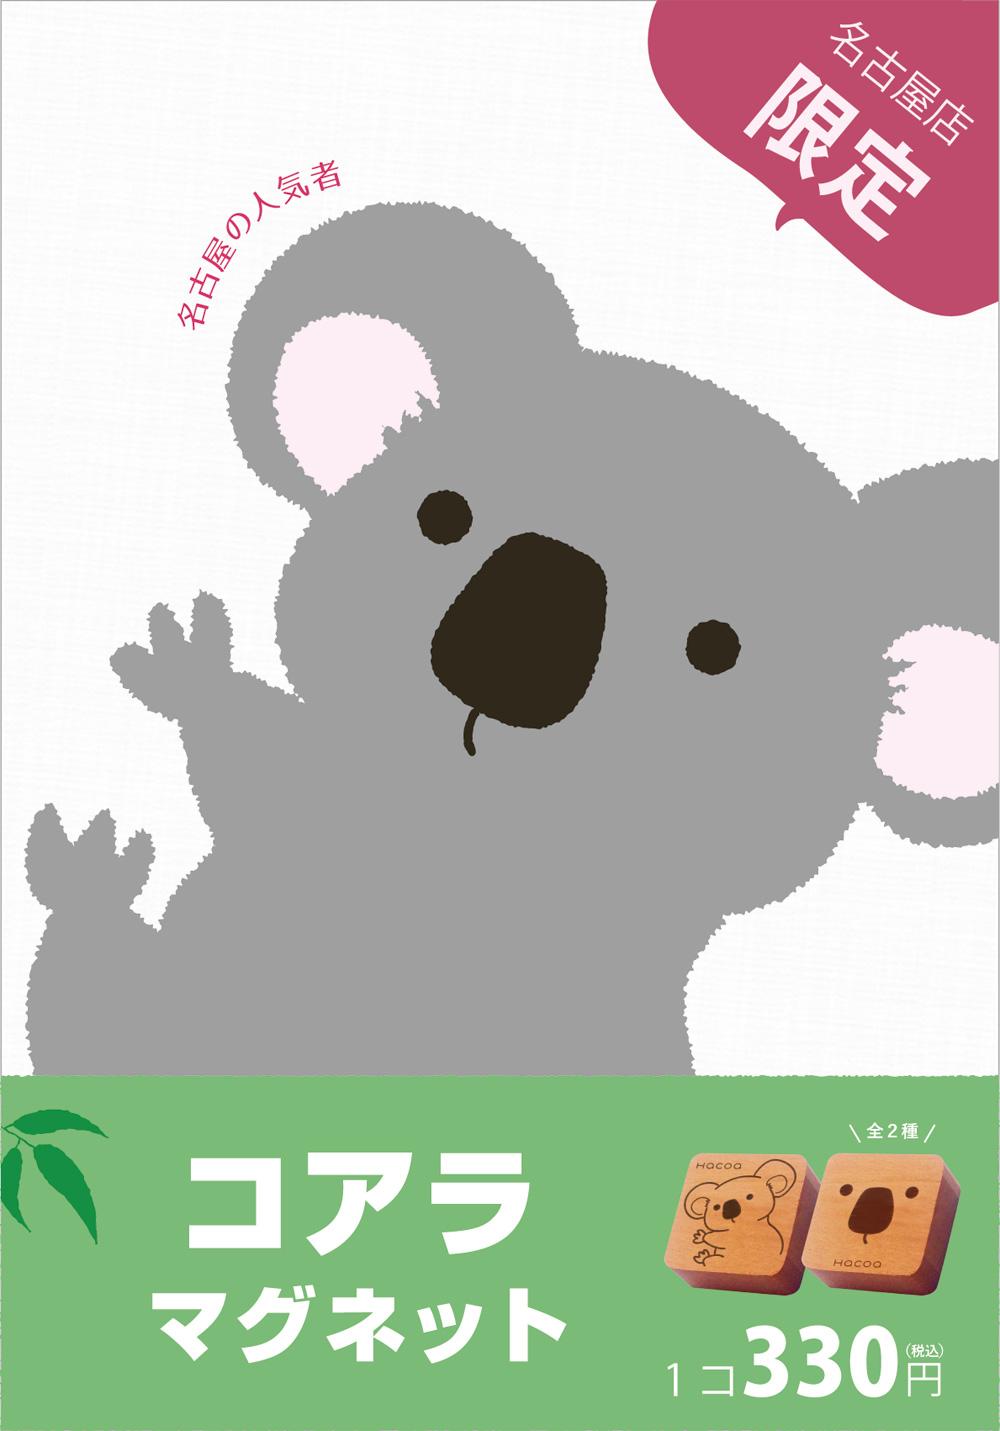 【KITTE名古屋店限定】木製コアラマグネットの発売記念◆◇